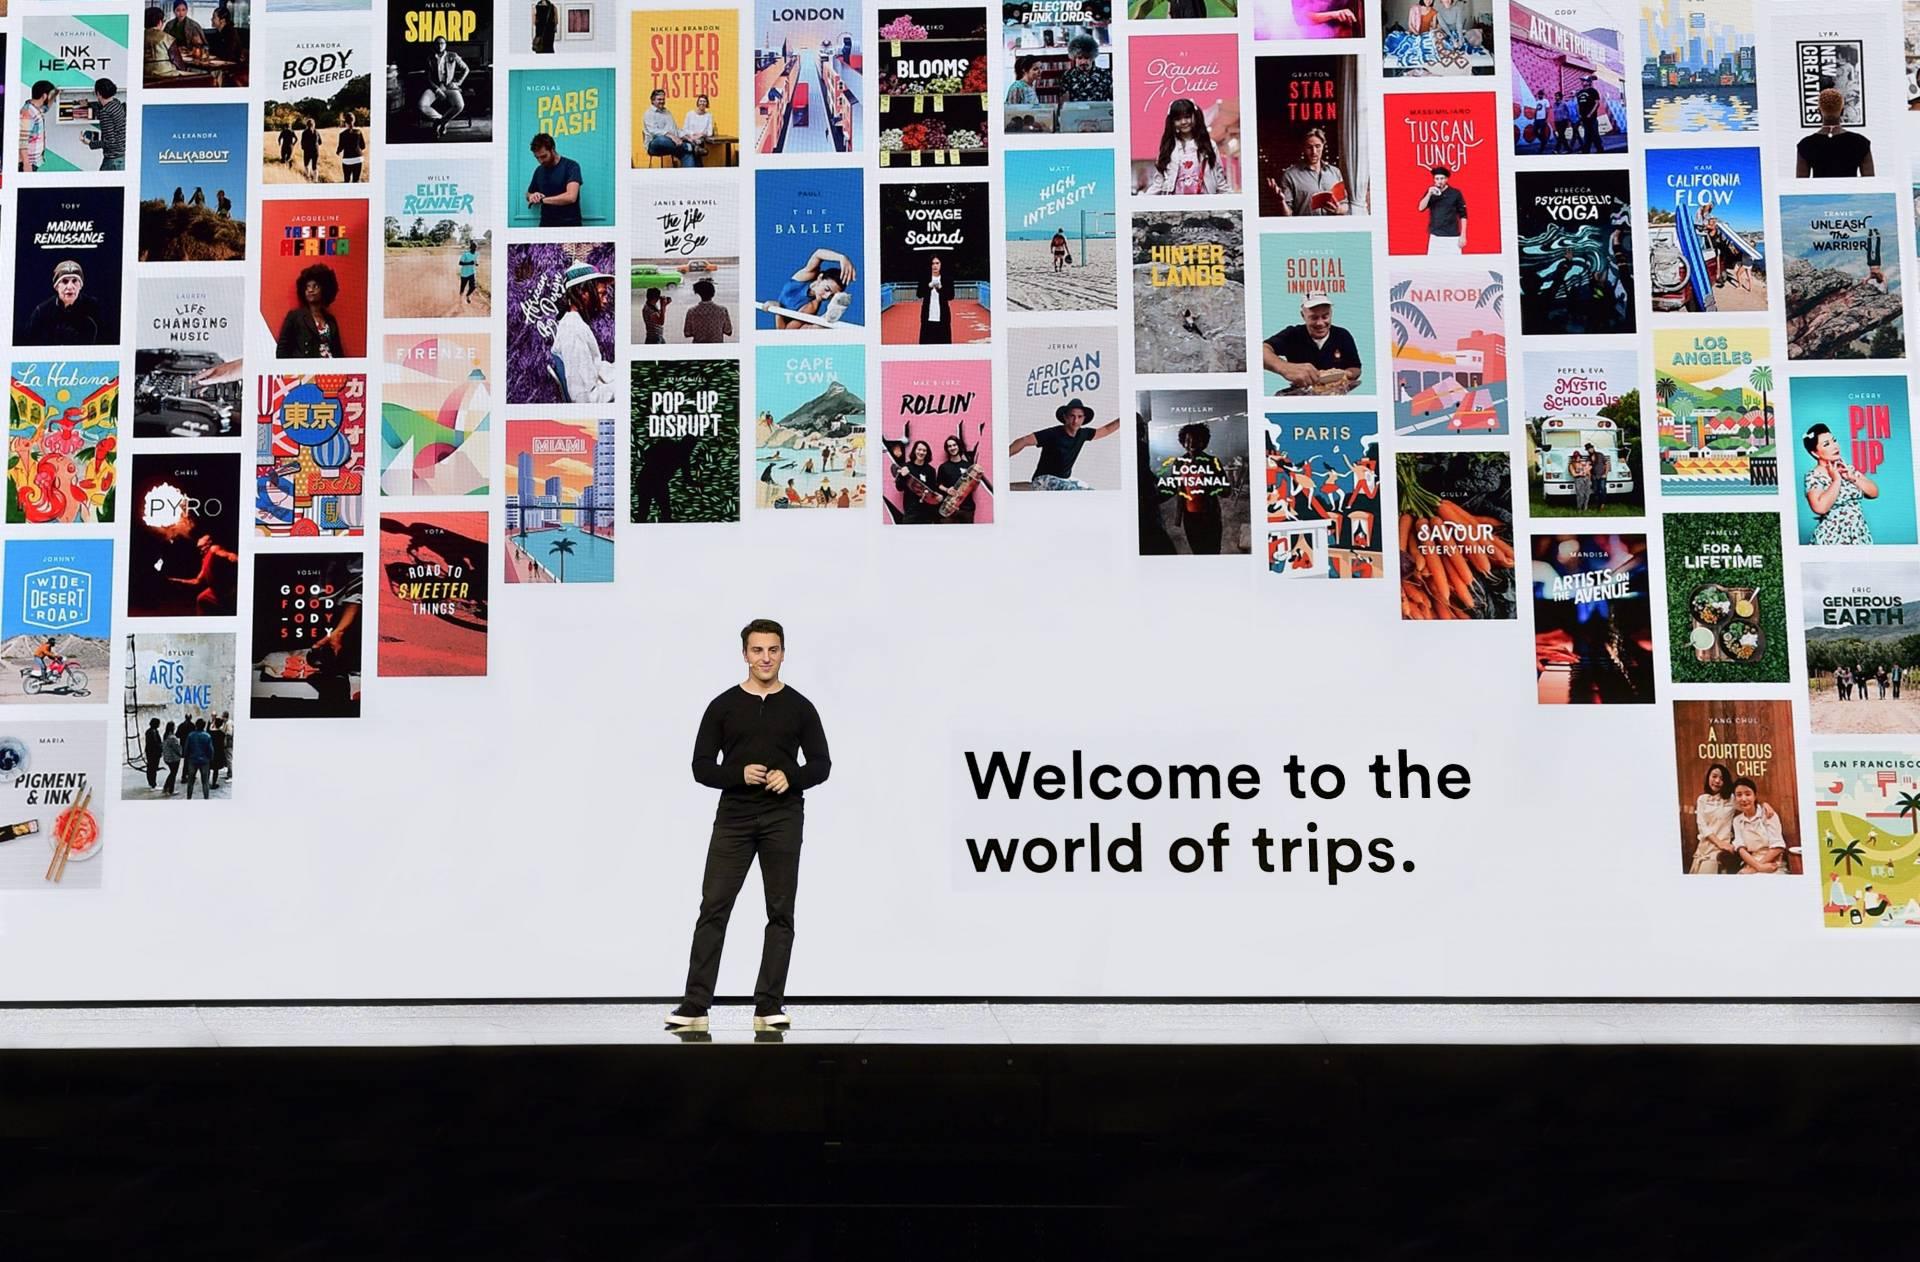 El CEO de Airbnb, Brian Chesky, durante la presentación de Trips.